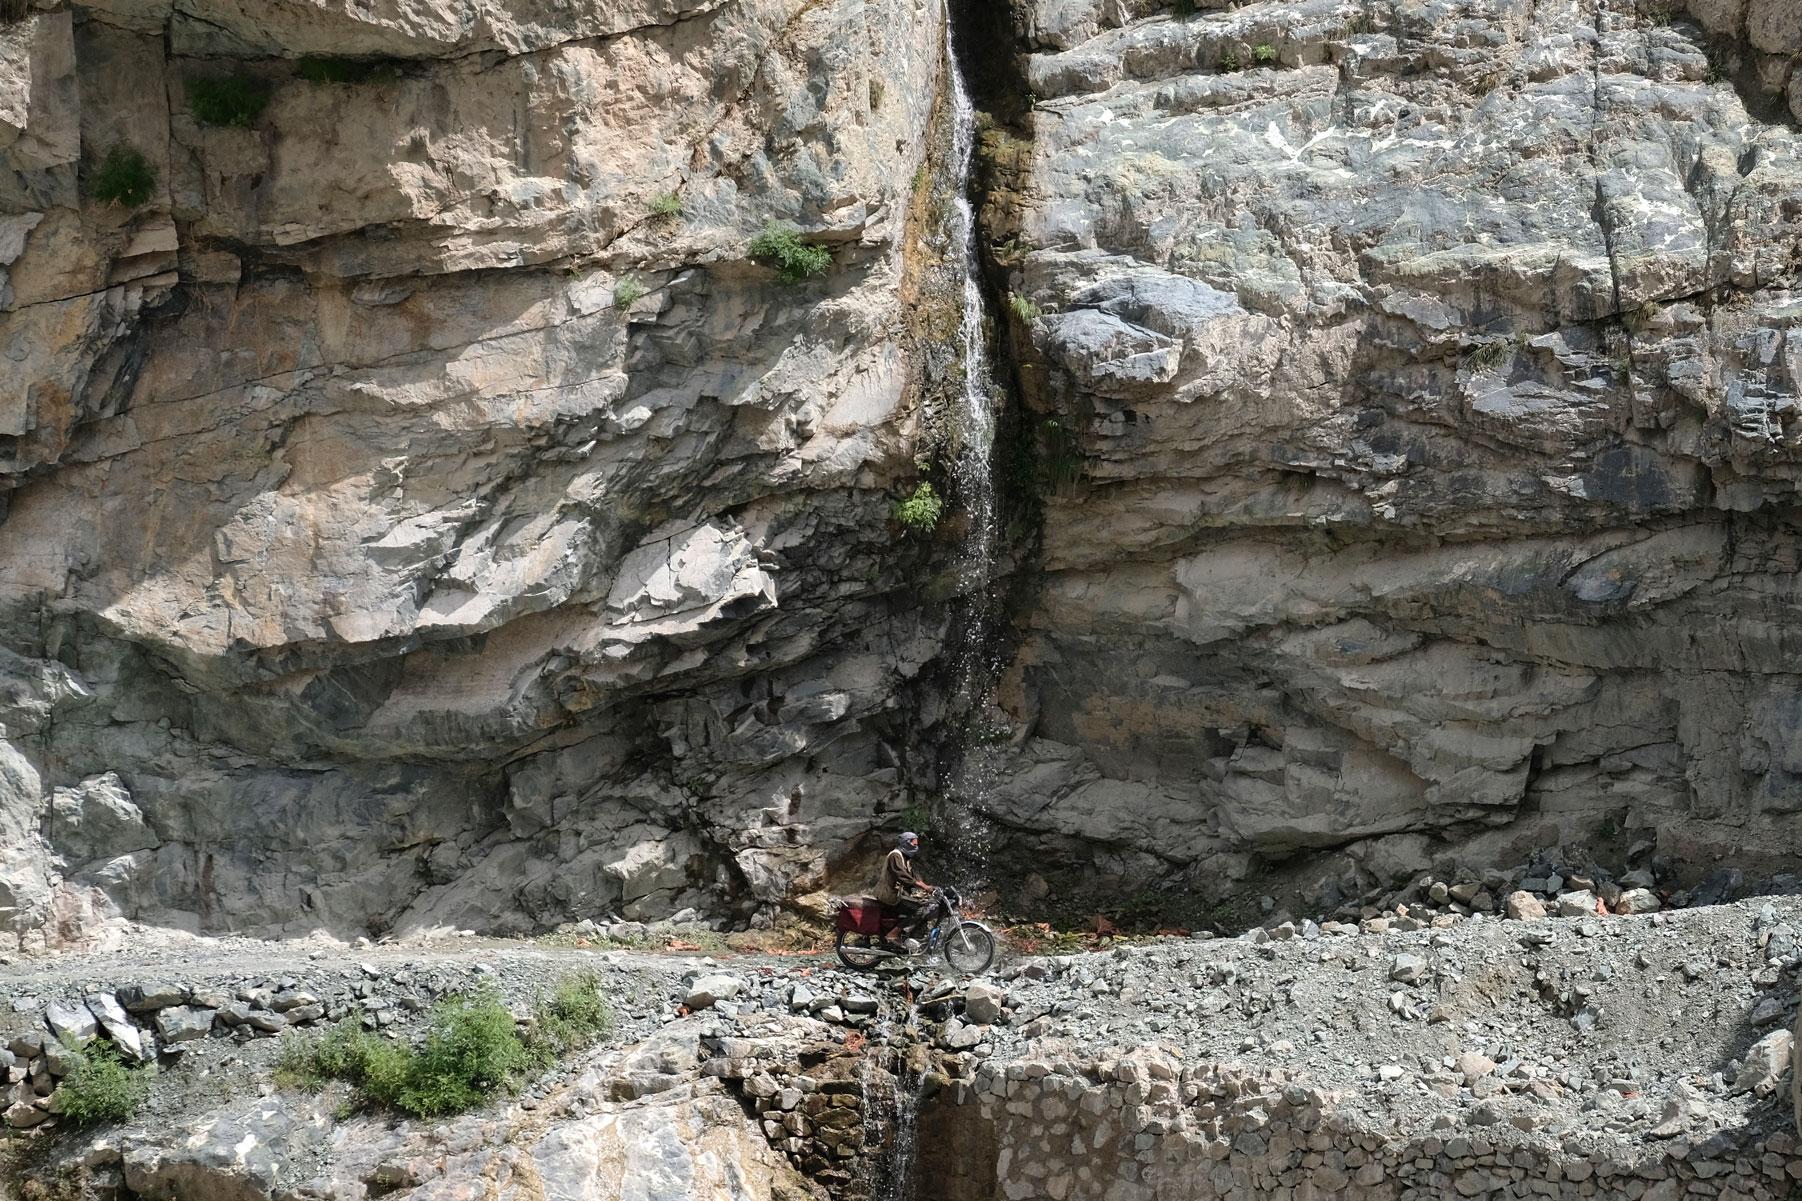 Die afghanische Flussseite zieht immer wieder unseren Blick auf sich...